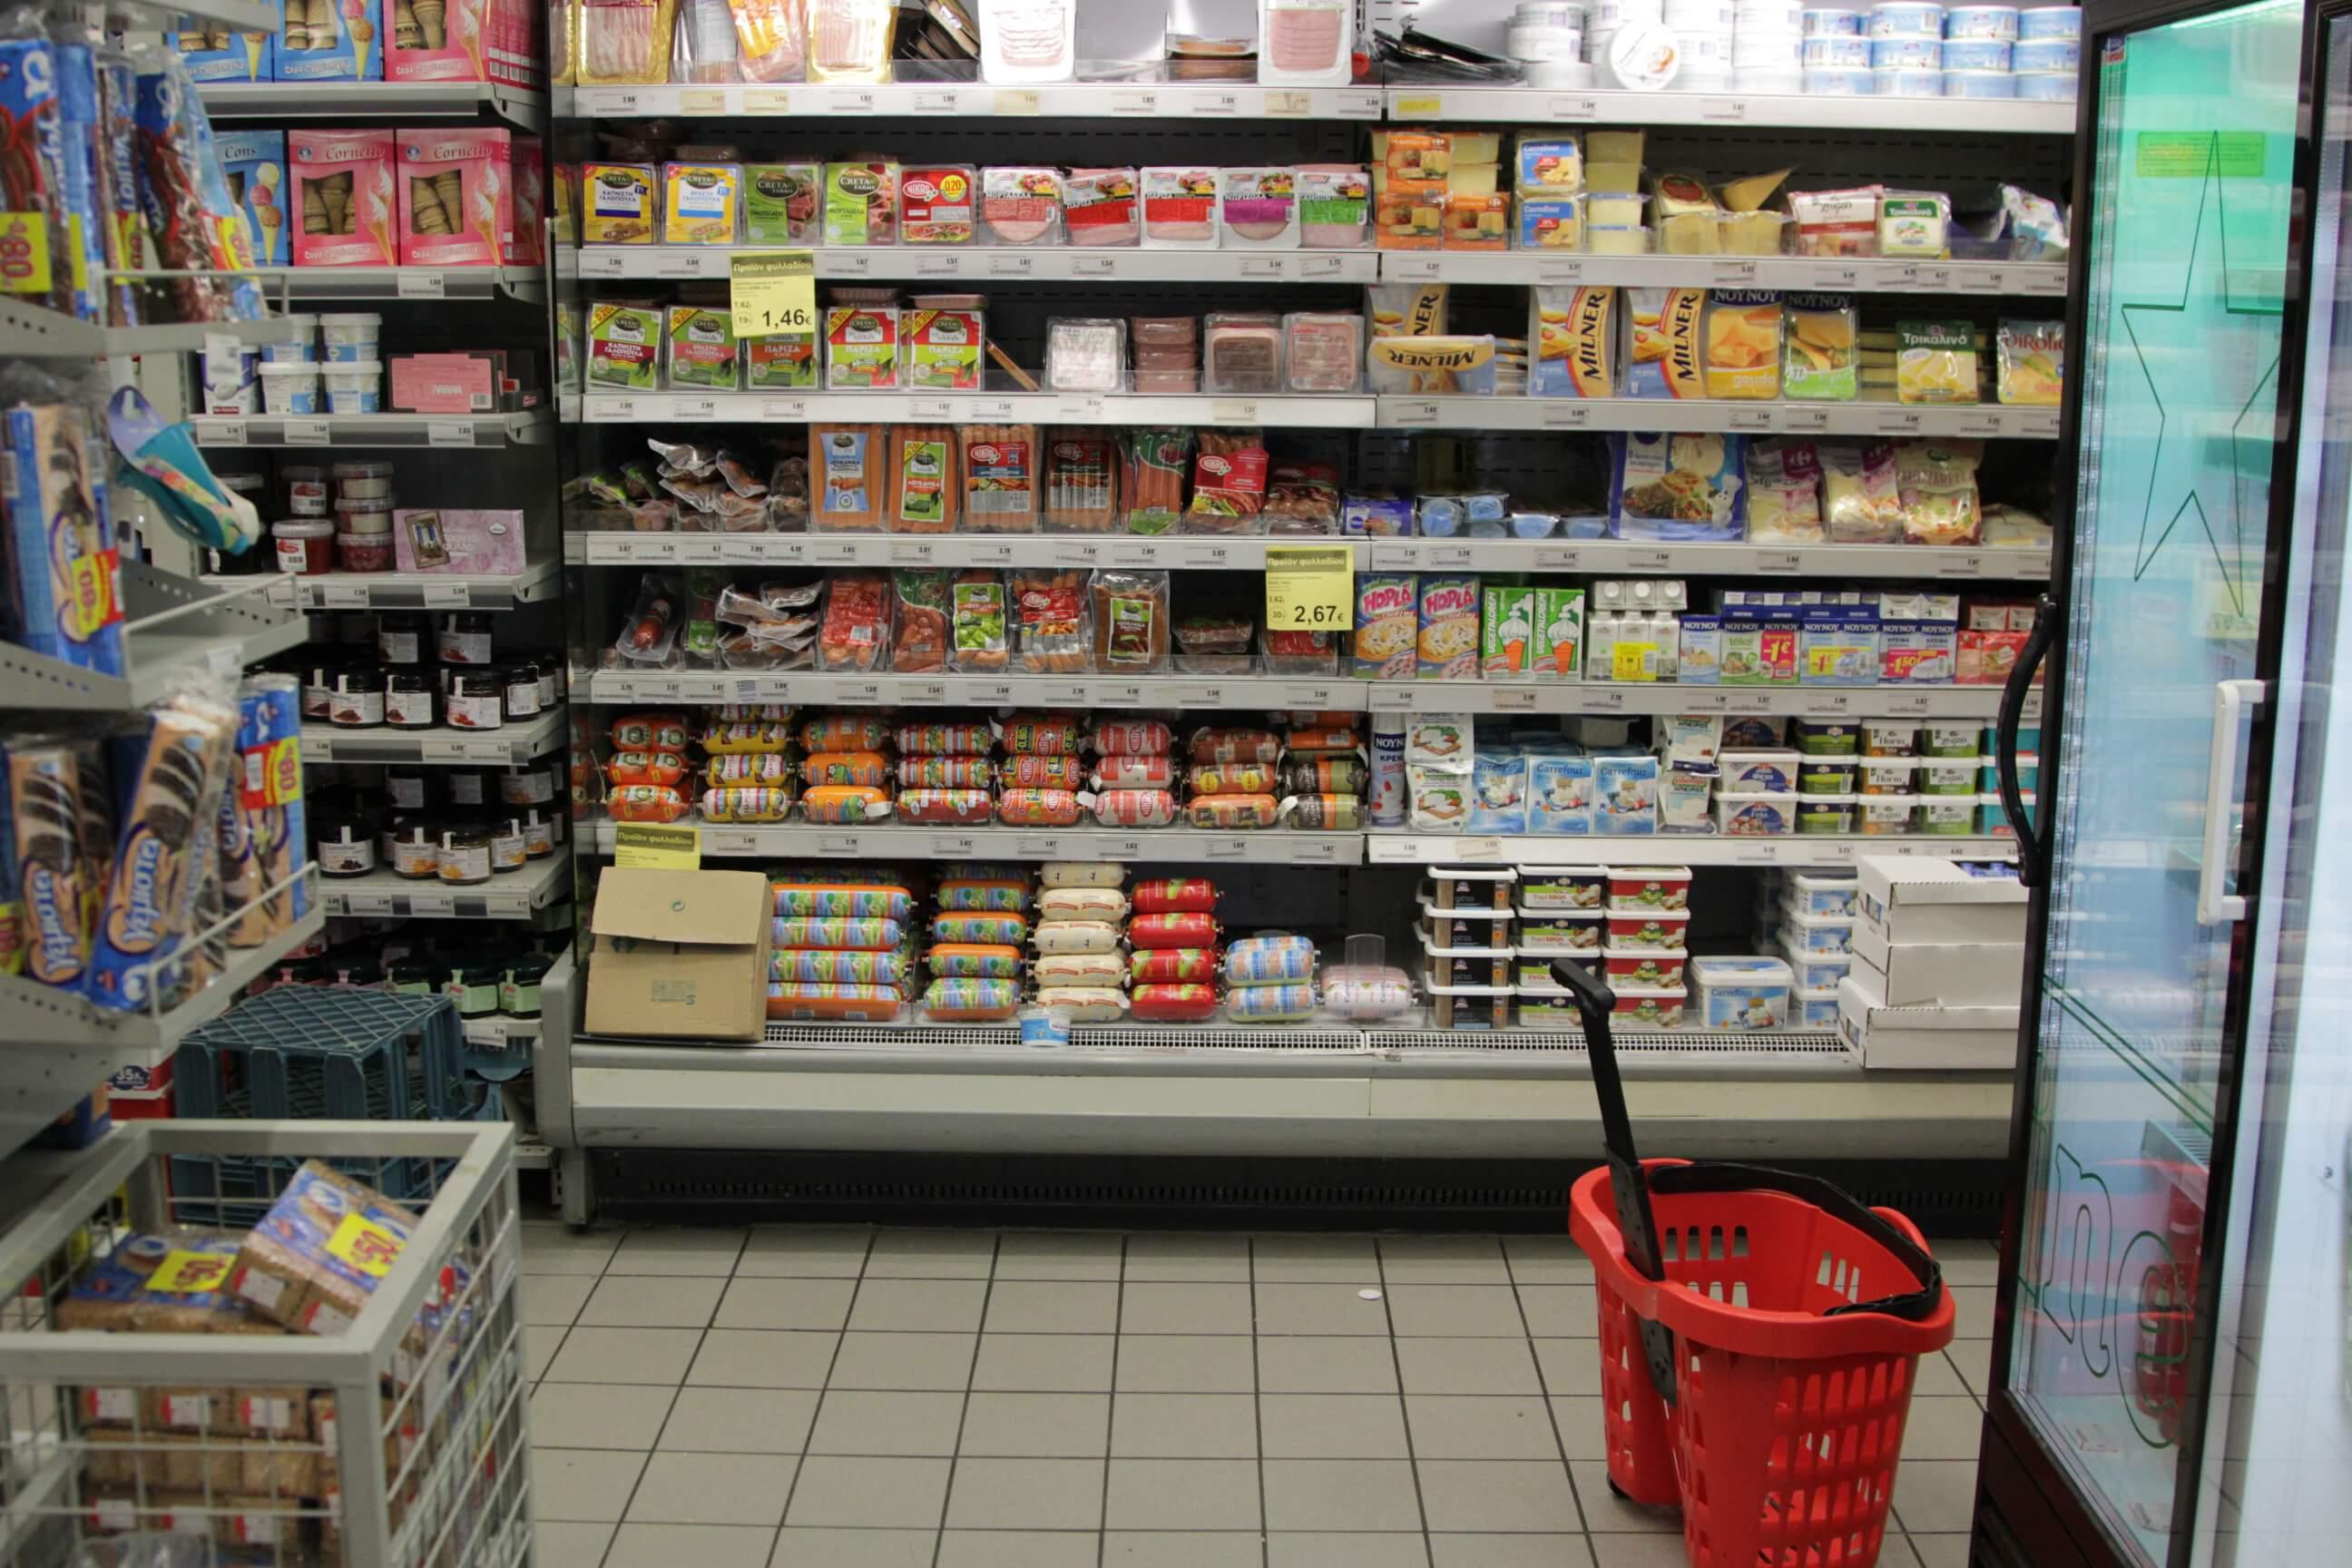 Βόλος: Οι υπάλληλοι πλήρωναν από την τσέπη τους αυτά που έκλεβε η κοπέλα από το σούπερ μάρκετ! Η μέρα που άλλαξαν όλα